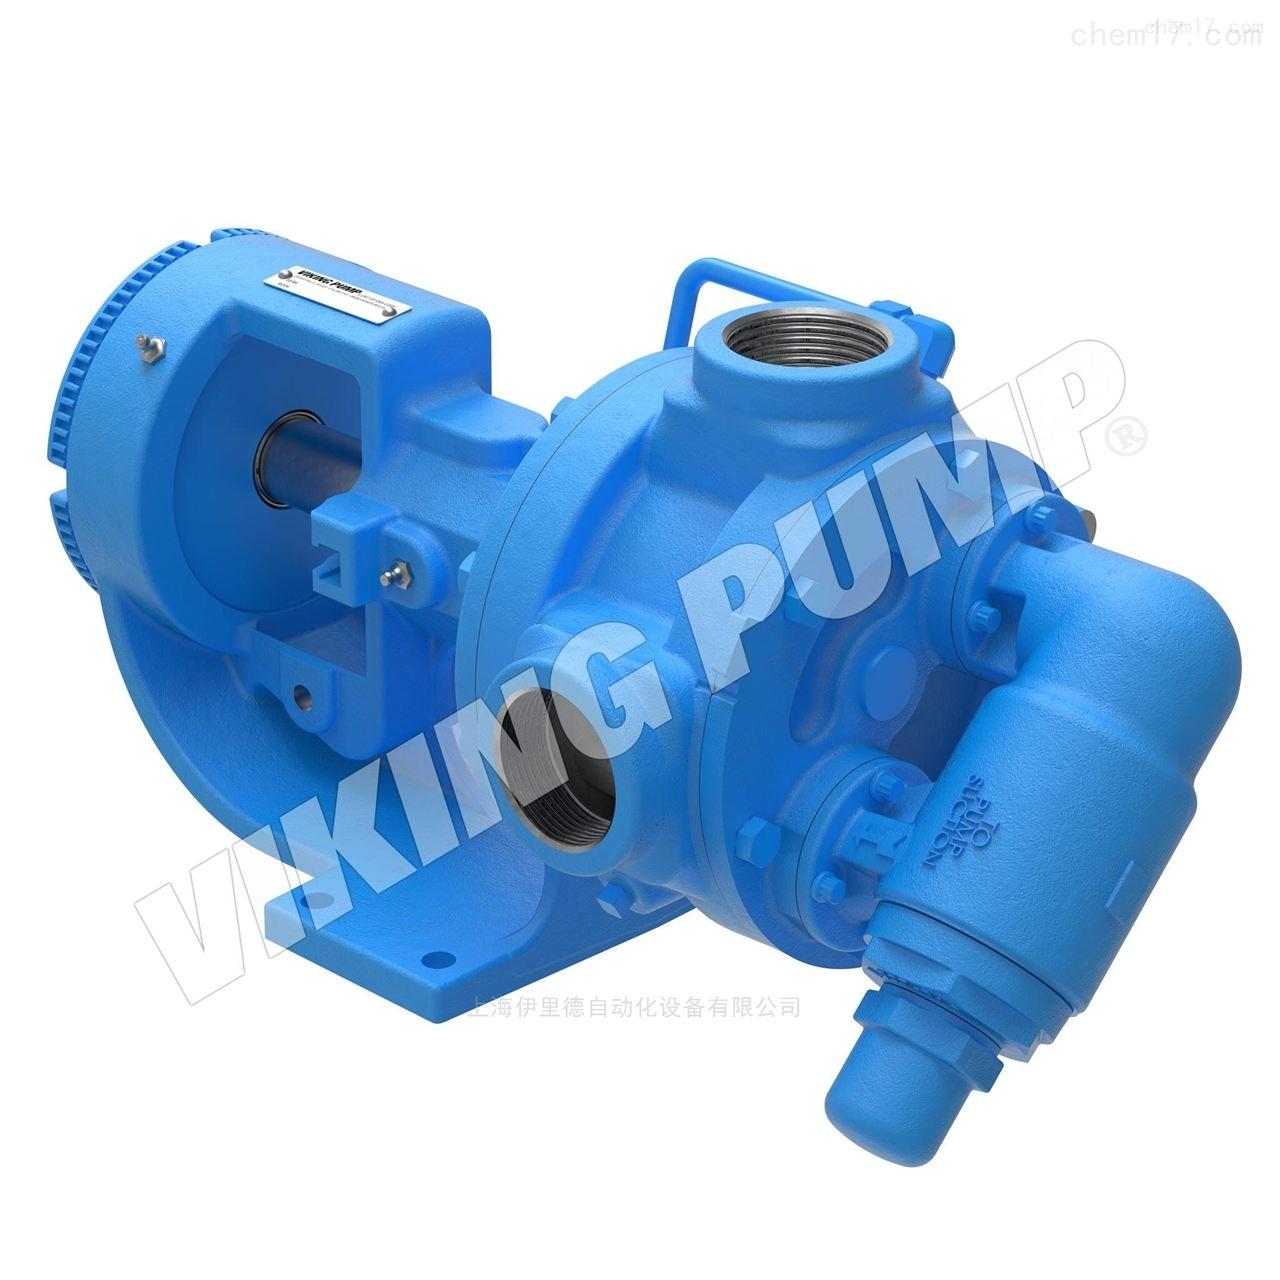 威肯VIKING齿轮泵液体专用生产线